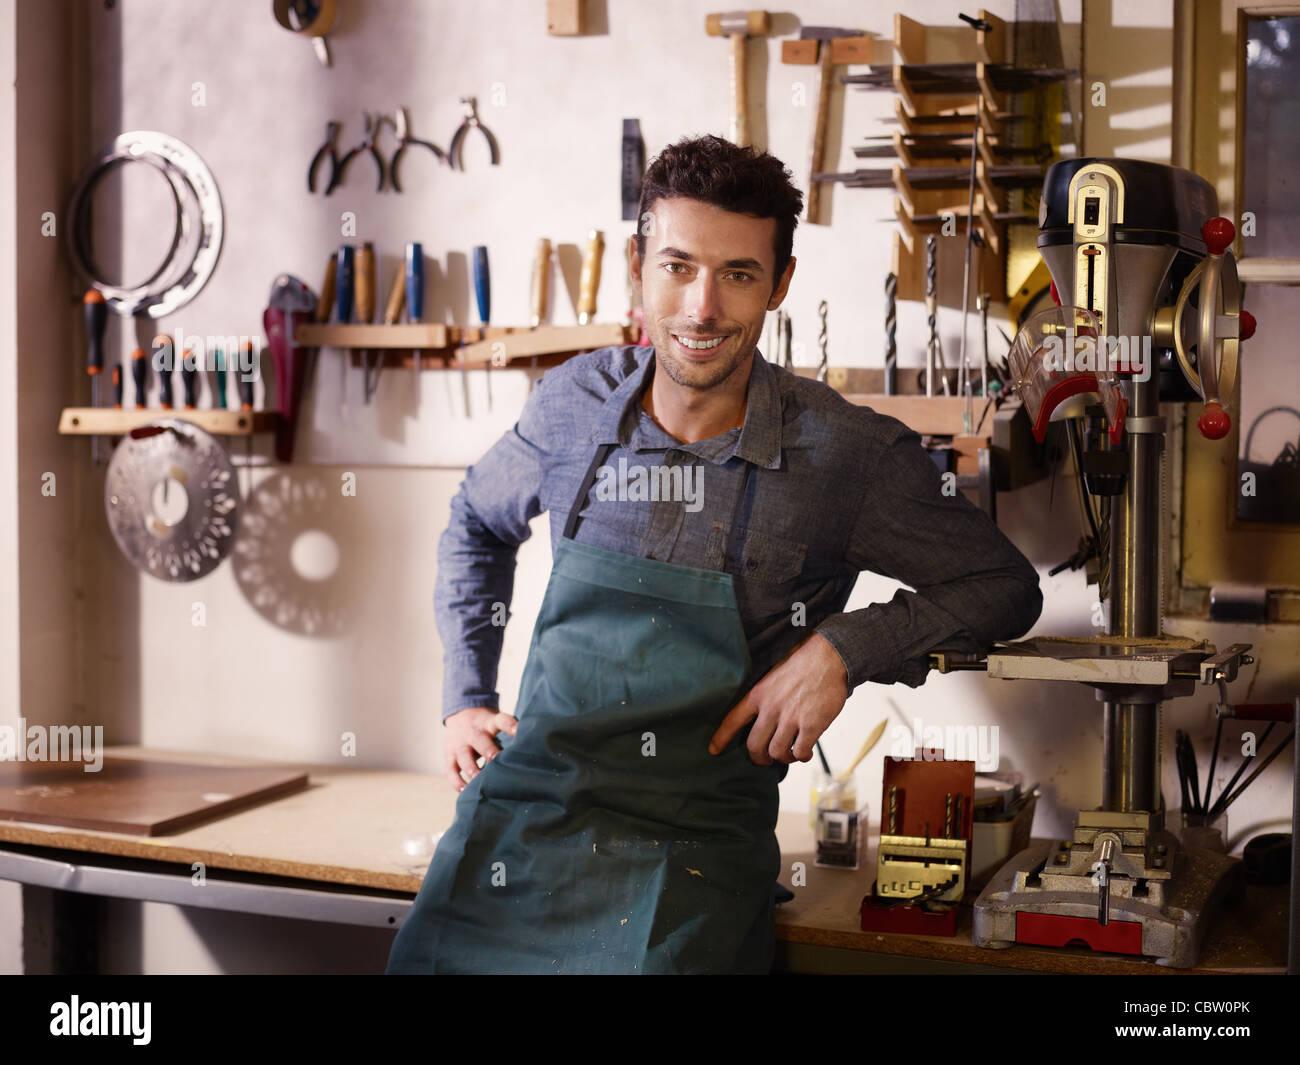 Ritratto di adulto uomo italiano al lavoro come artigiano in negozio con strumenti in background Immagini Stock